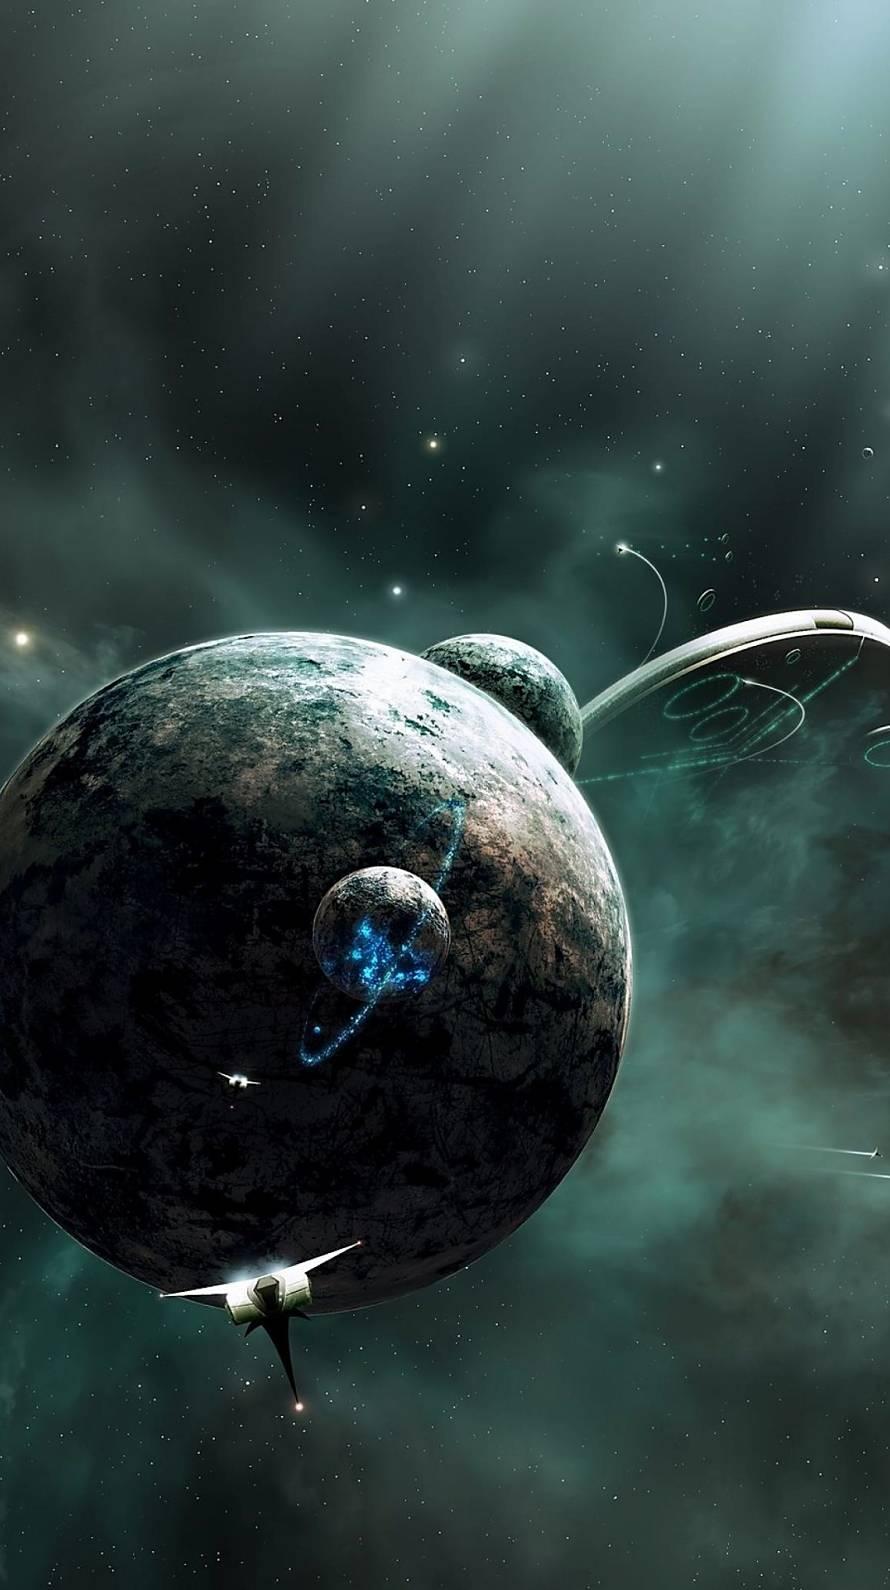 宇宙と宇宙船 Iphone6壁紙 Wallpaperbox